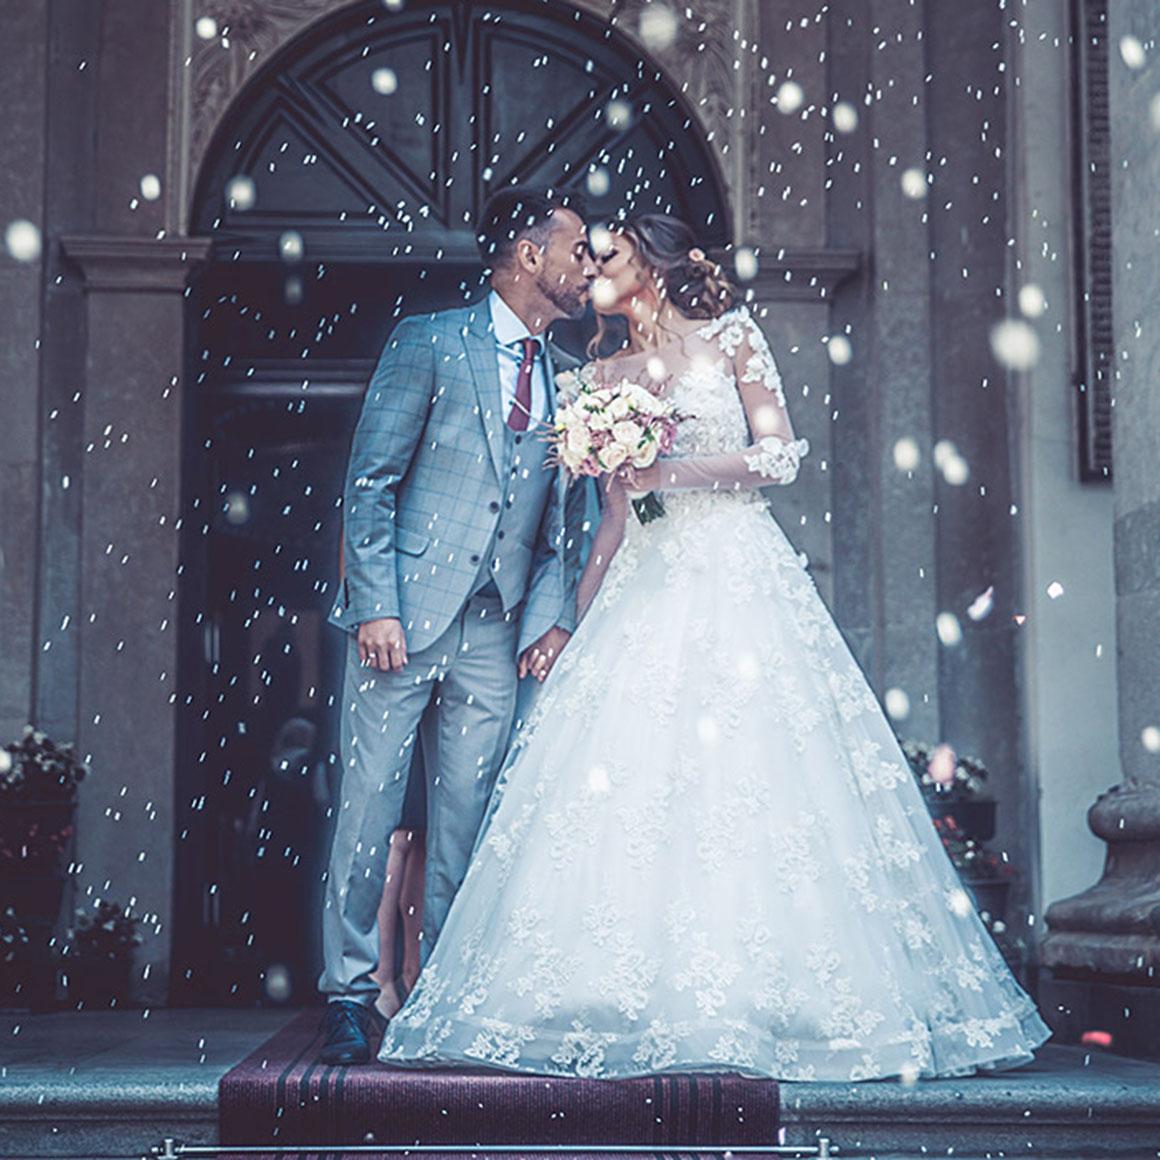 Als Erinnernung an die Hochzeit eine Velight Kerze entzünden